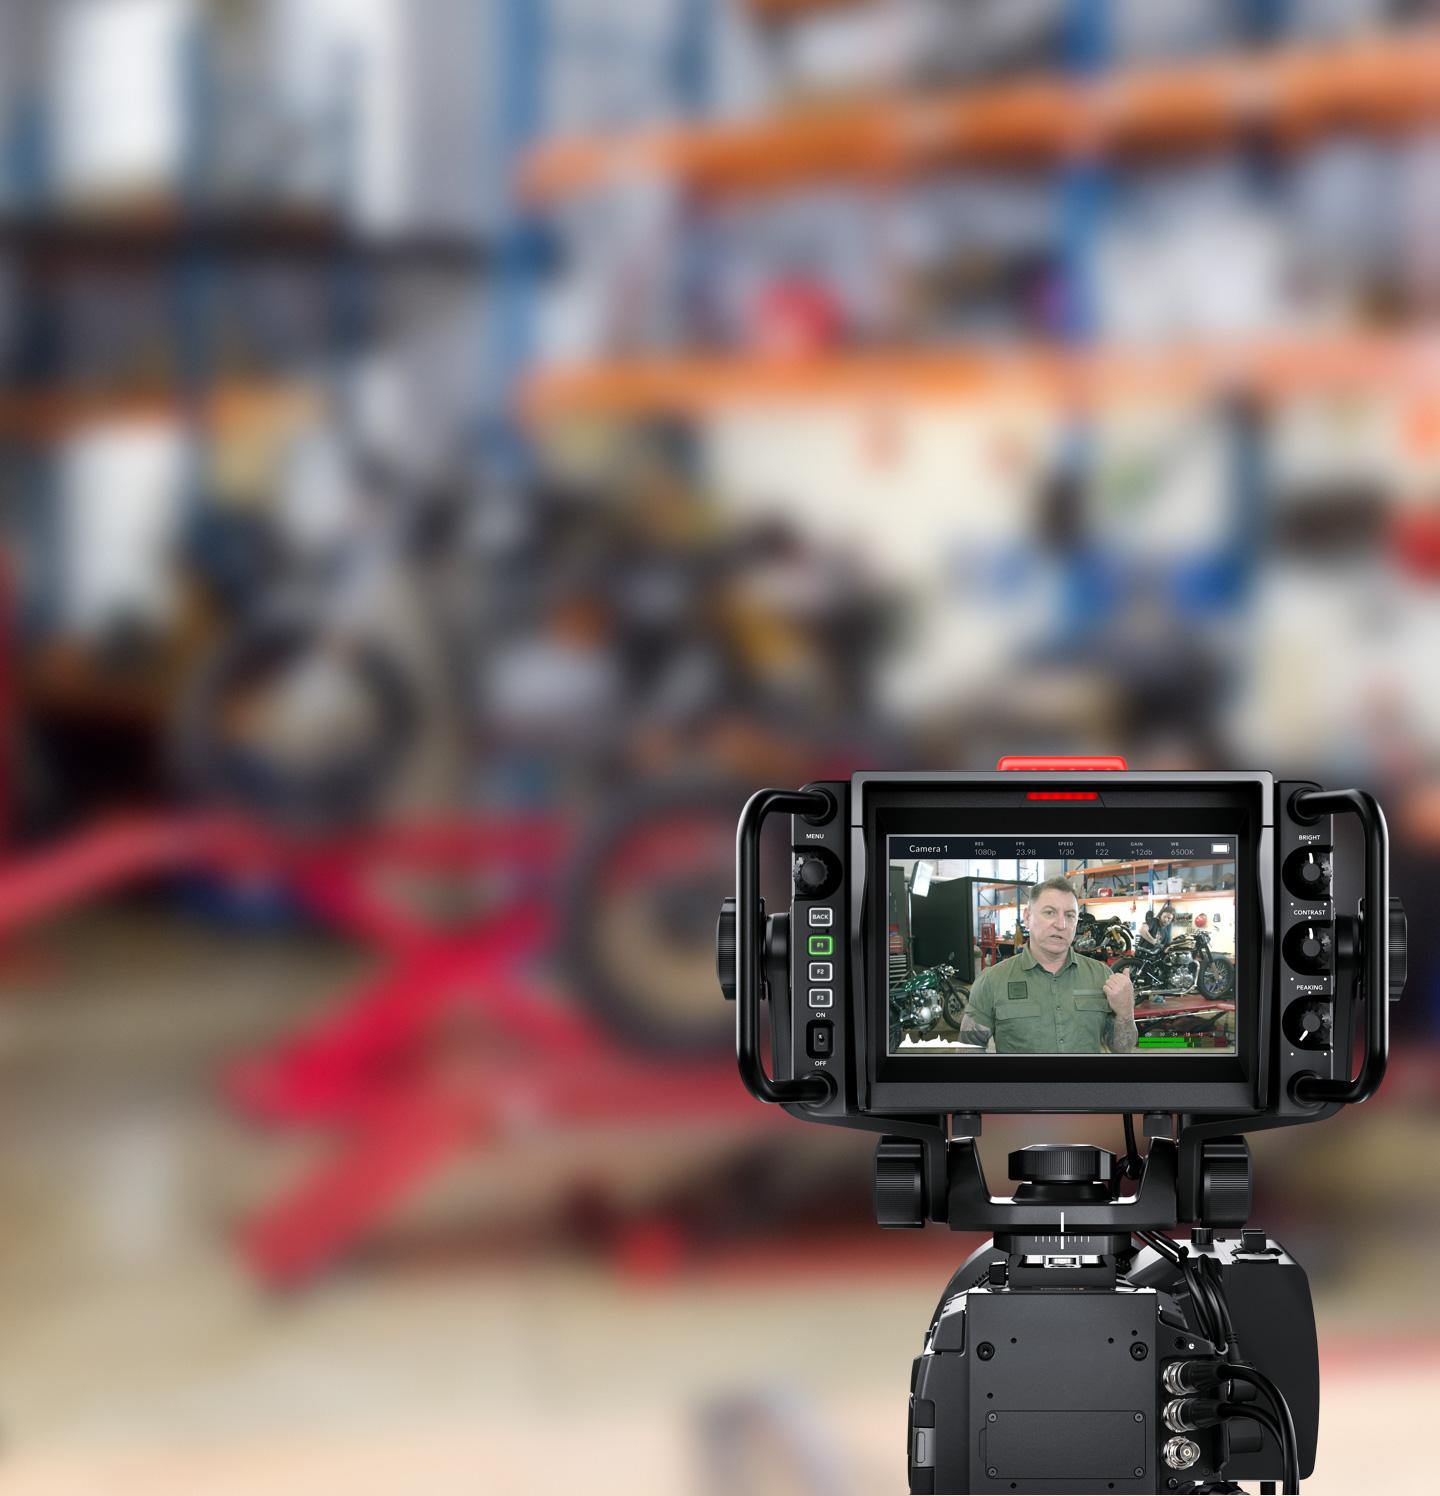 studio-viewfinder-lg